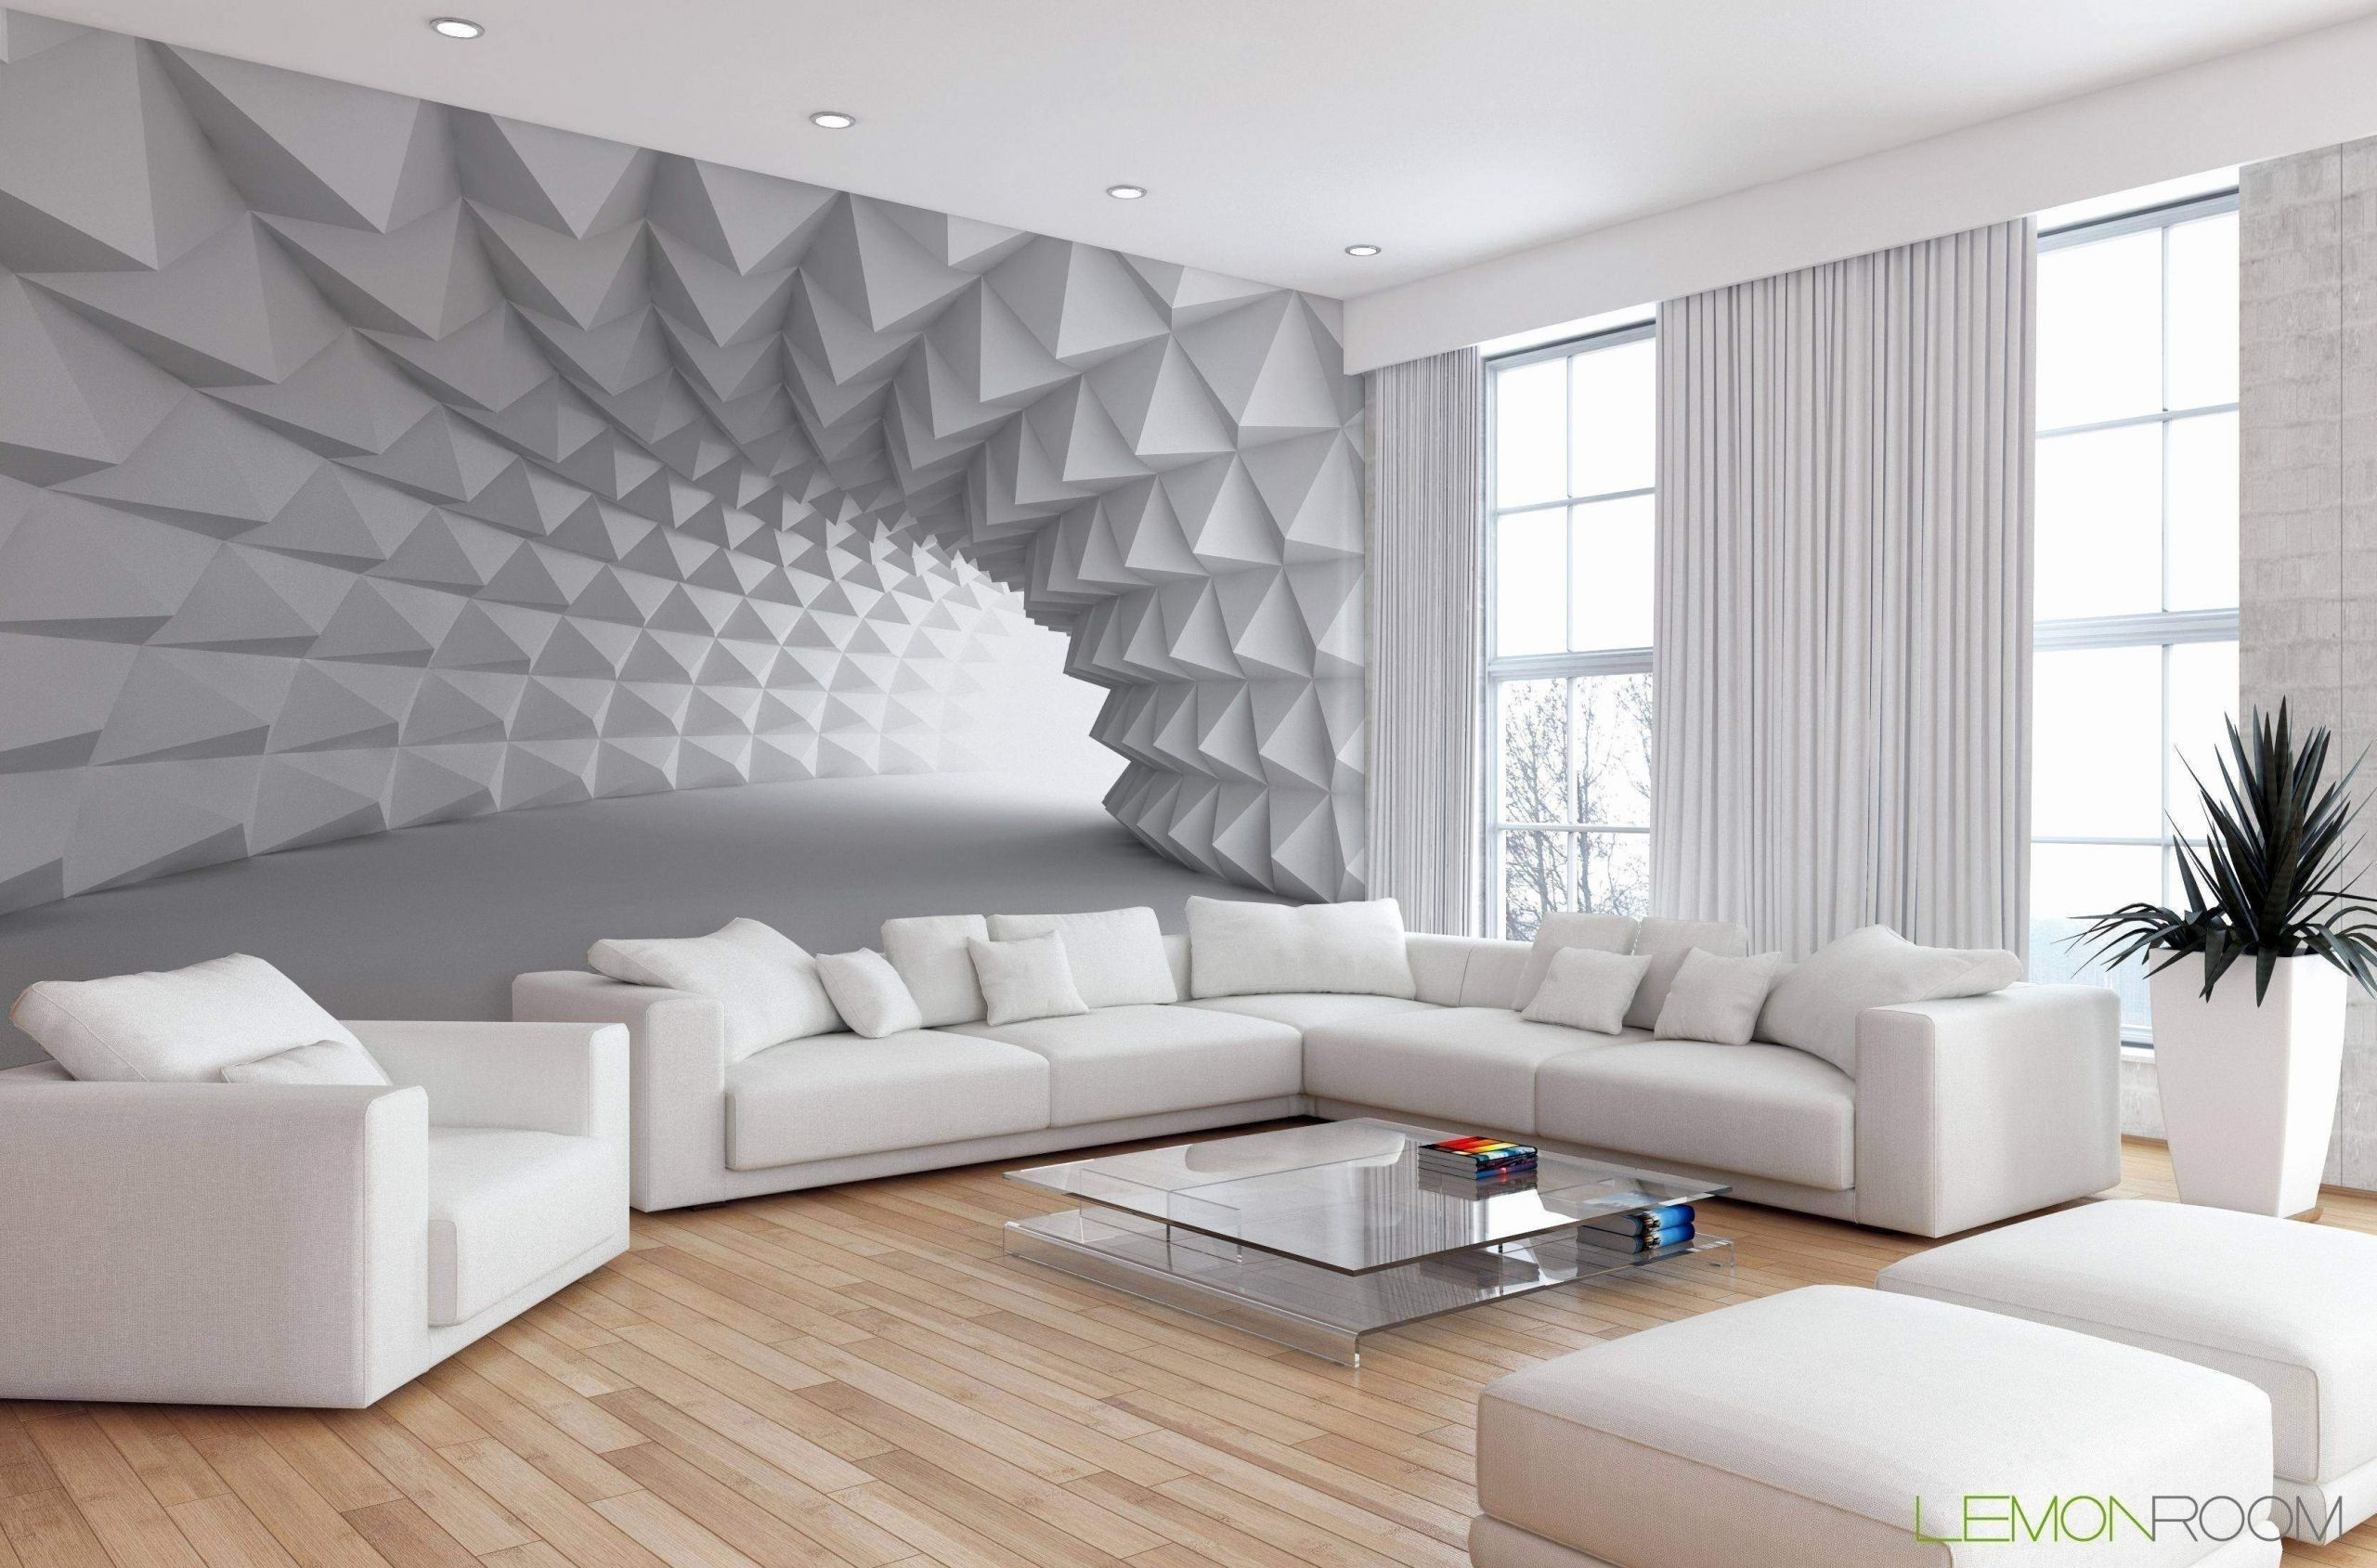 Tapeten Ideen Wohnzimmer in 9  Wohnzimmer modern, Fototapete